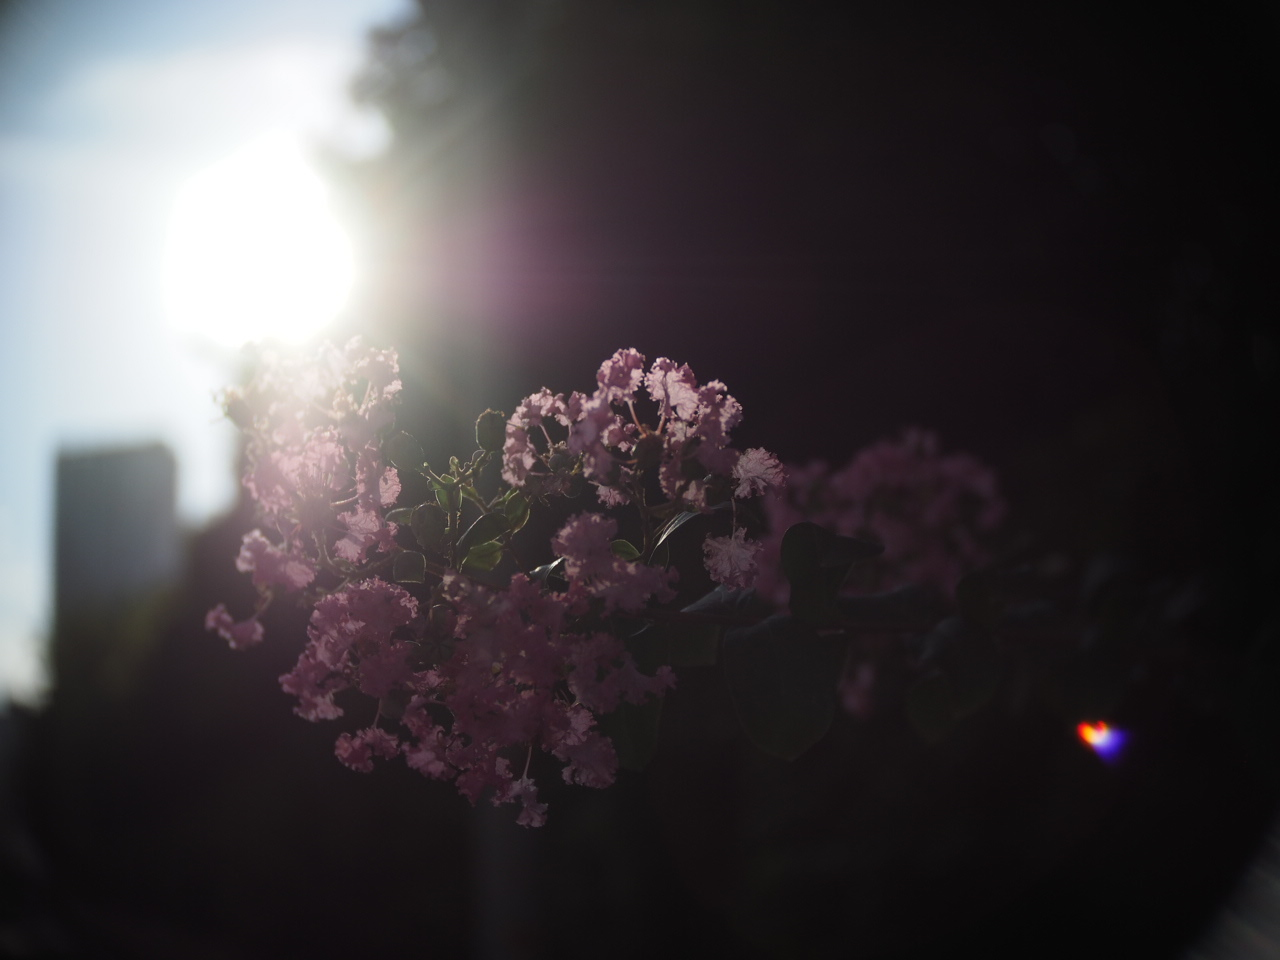 靱公園をグルグルレンズでさんぽ_f0135940_16515453.jpg